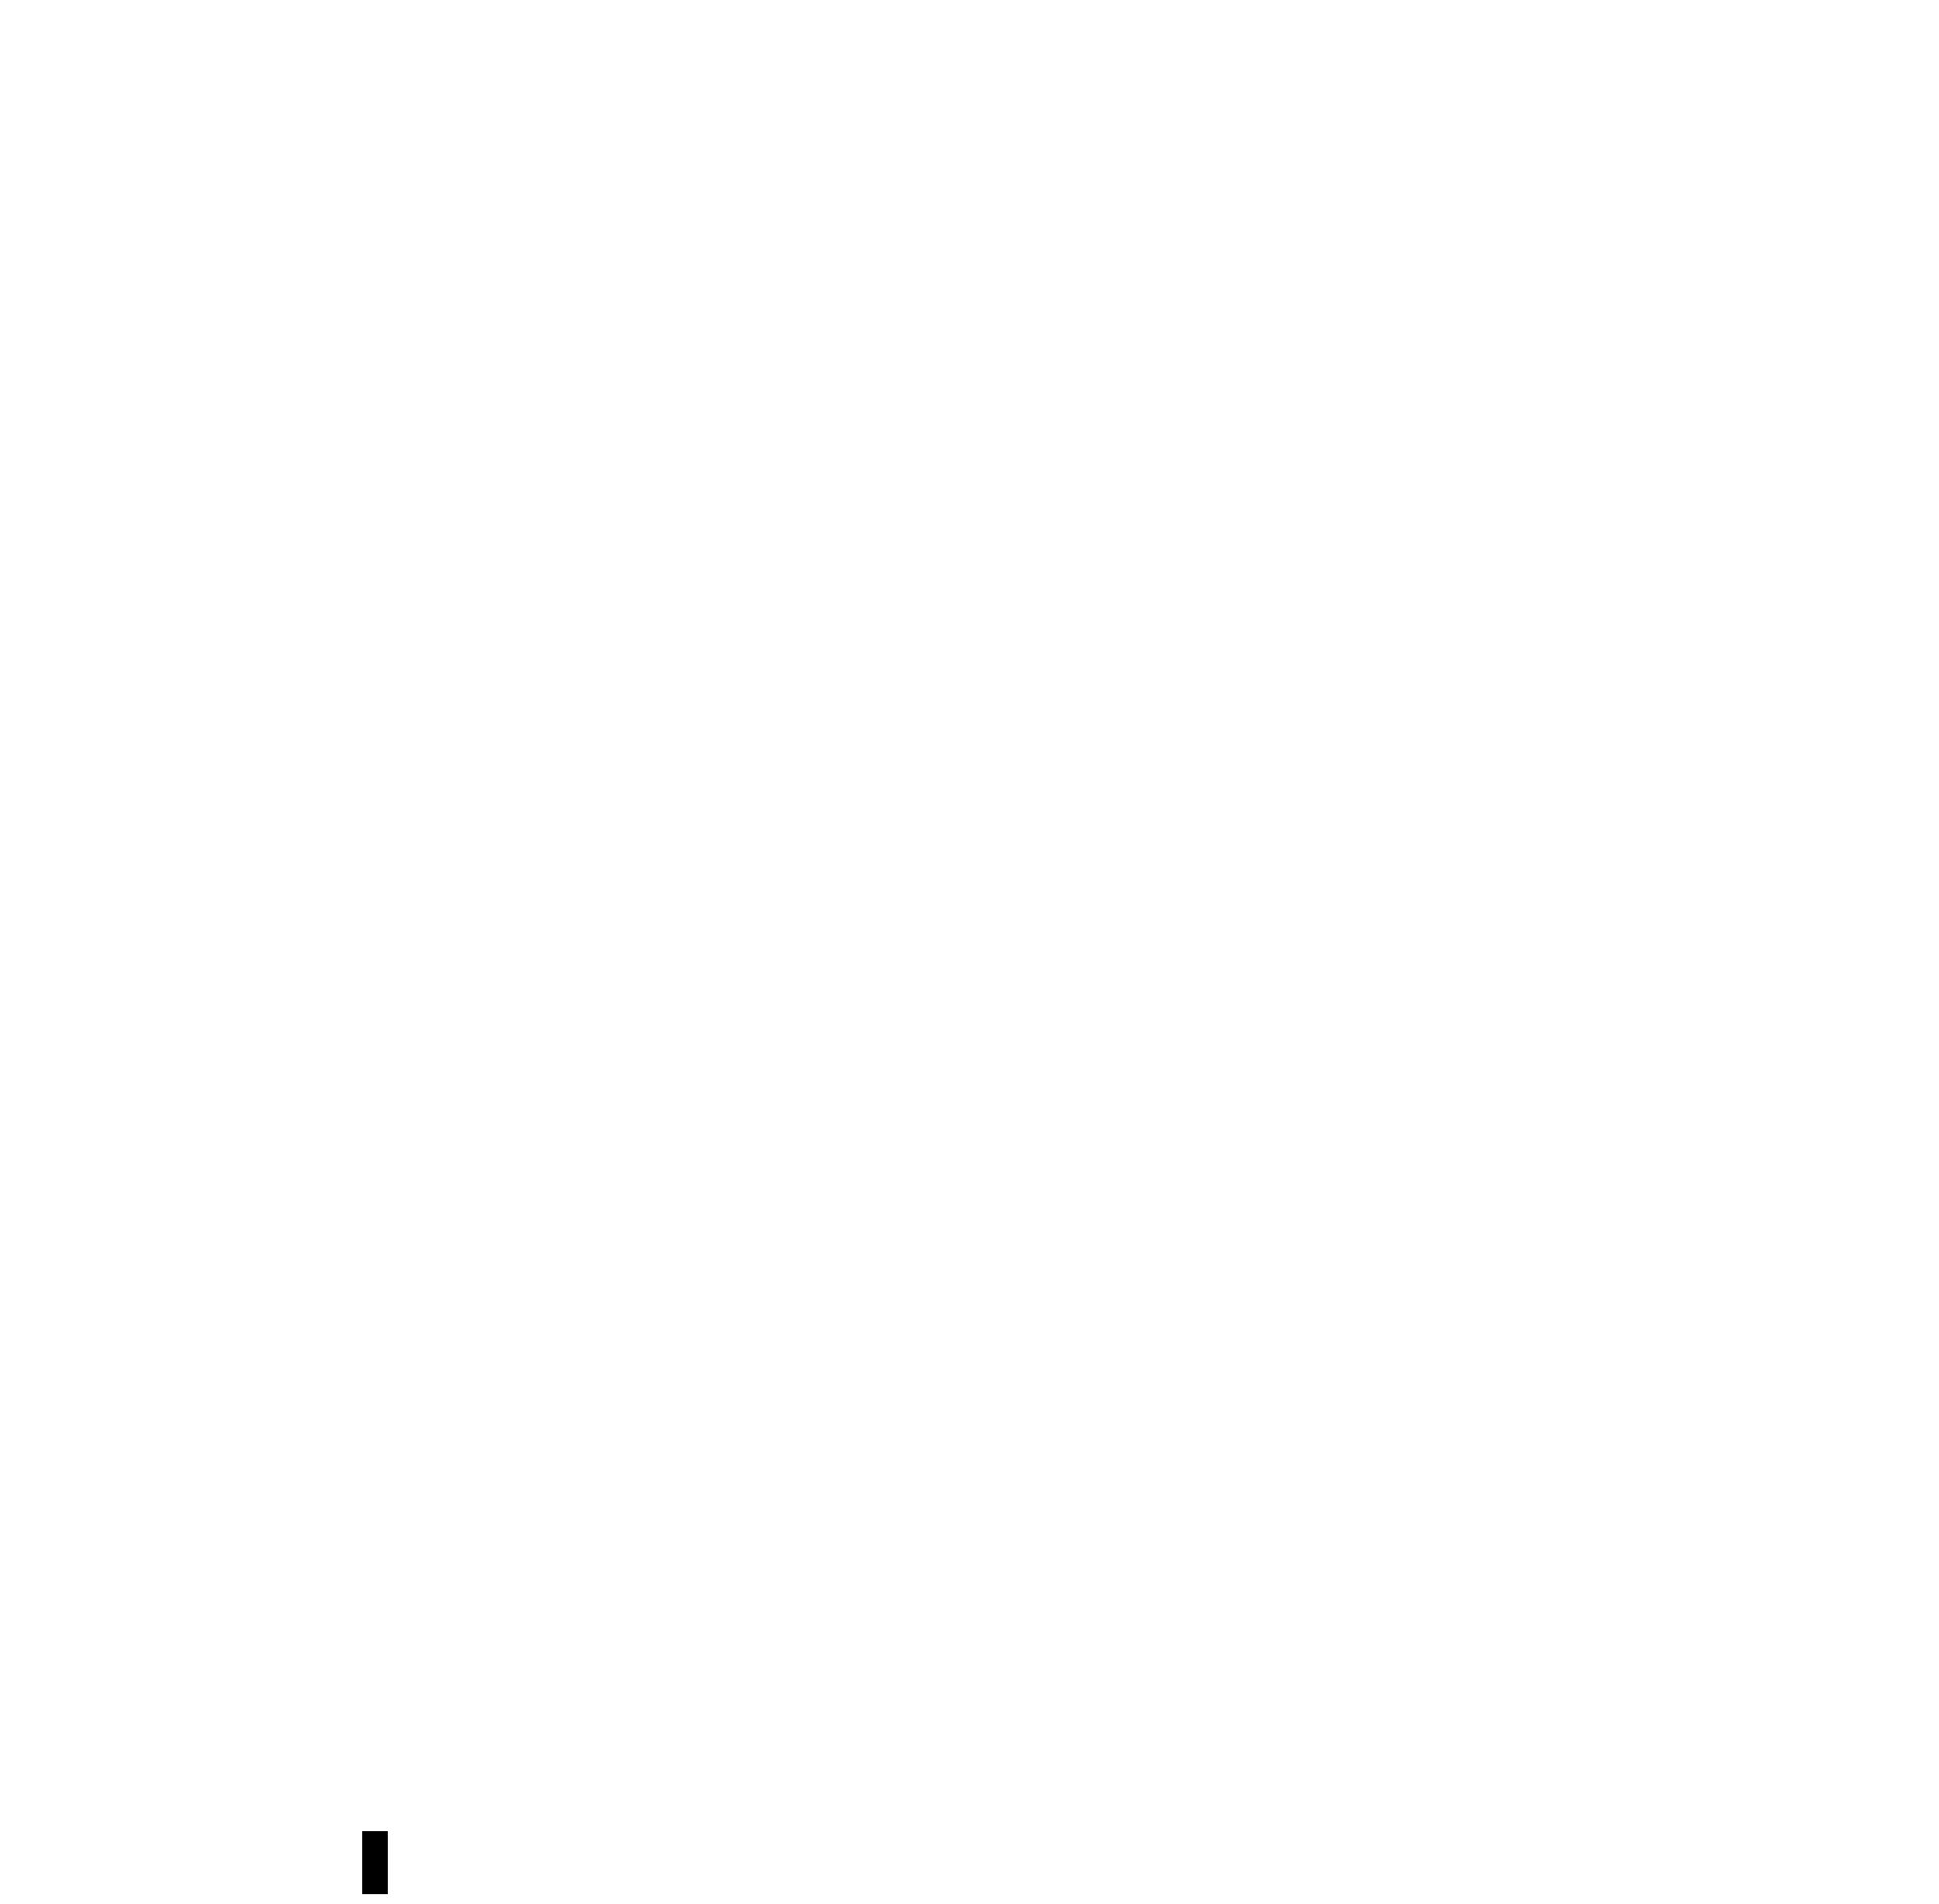 PandaLogoWhite